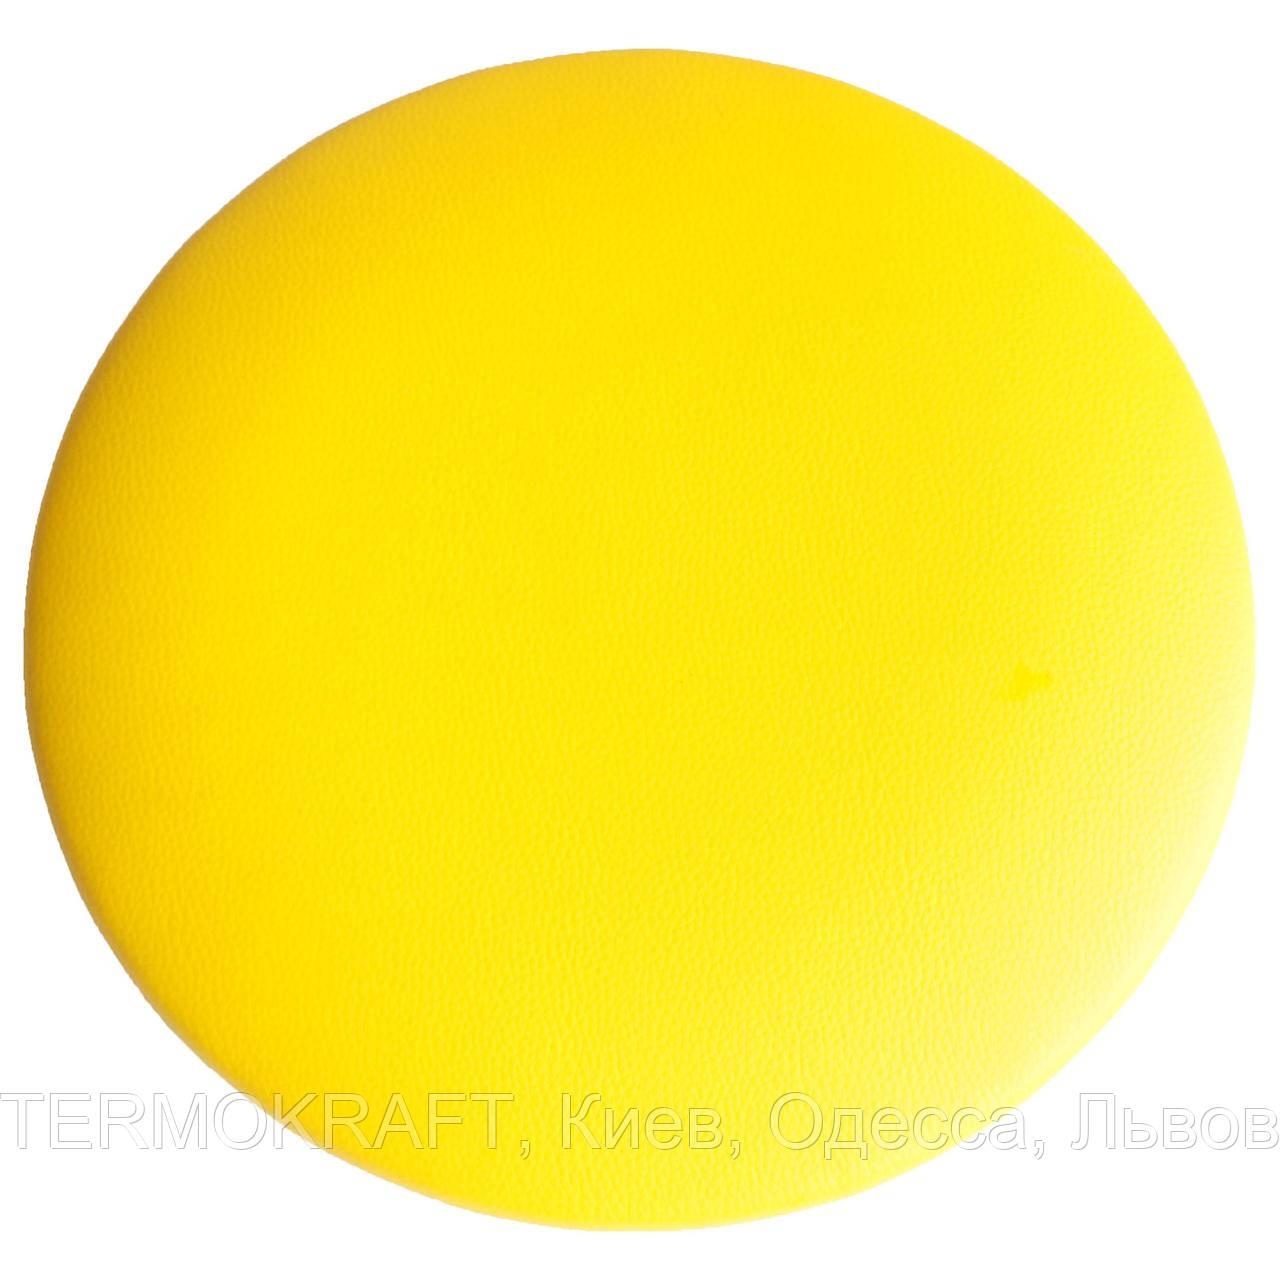 Сидіння стільця АНТ D-340 кругле Fly жовте